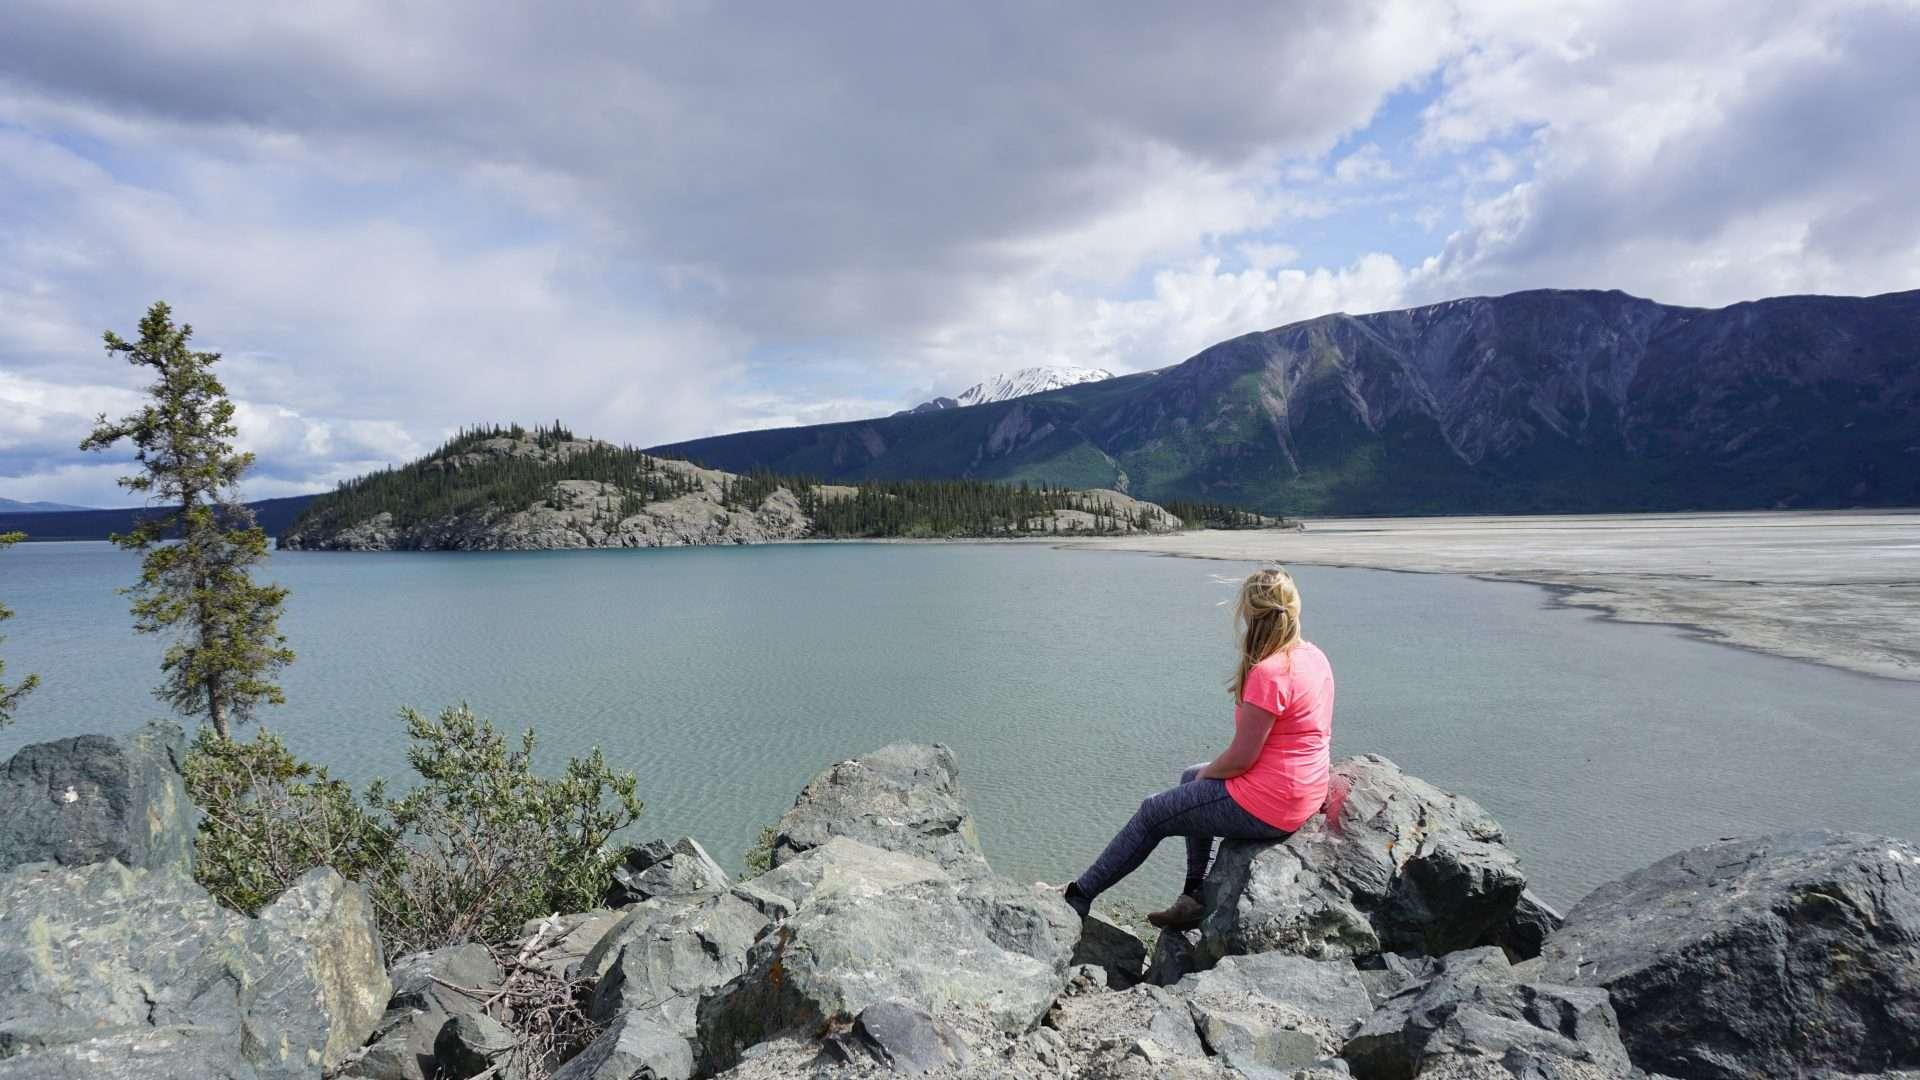 Kluane lake soldier summit